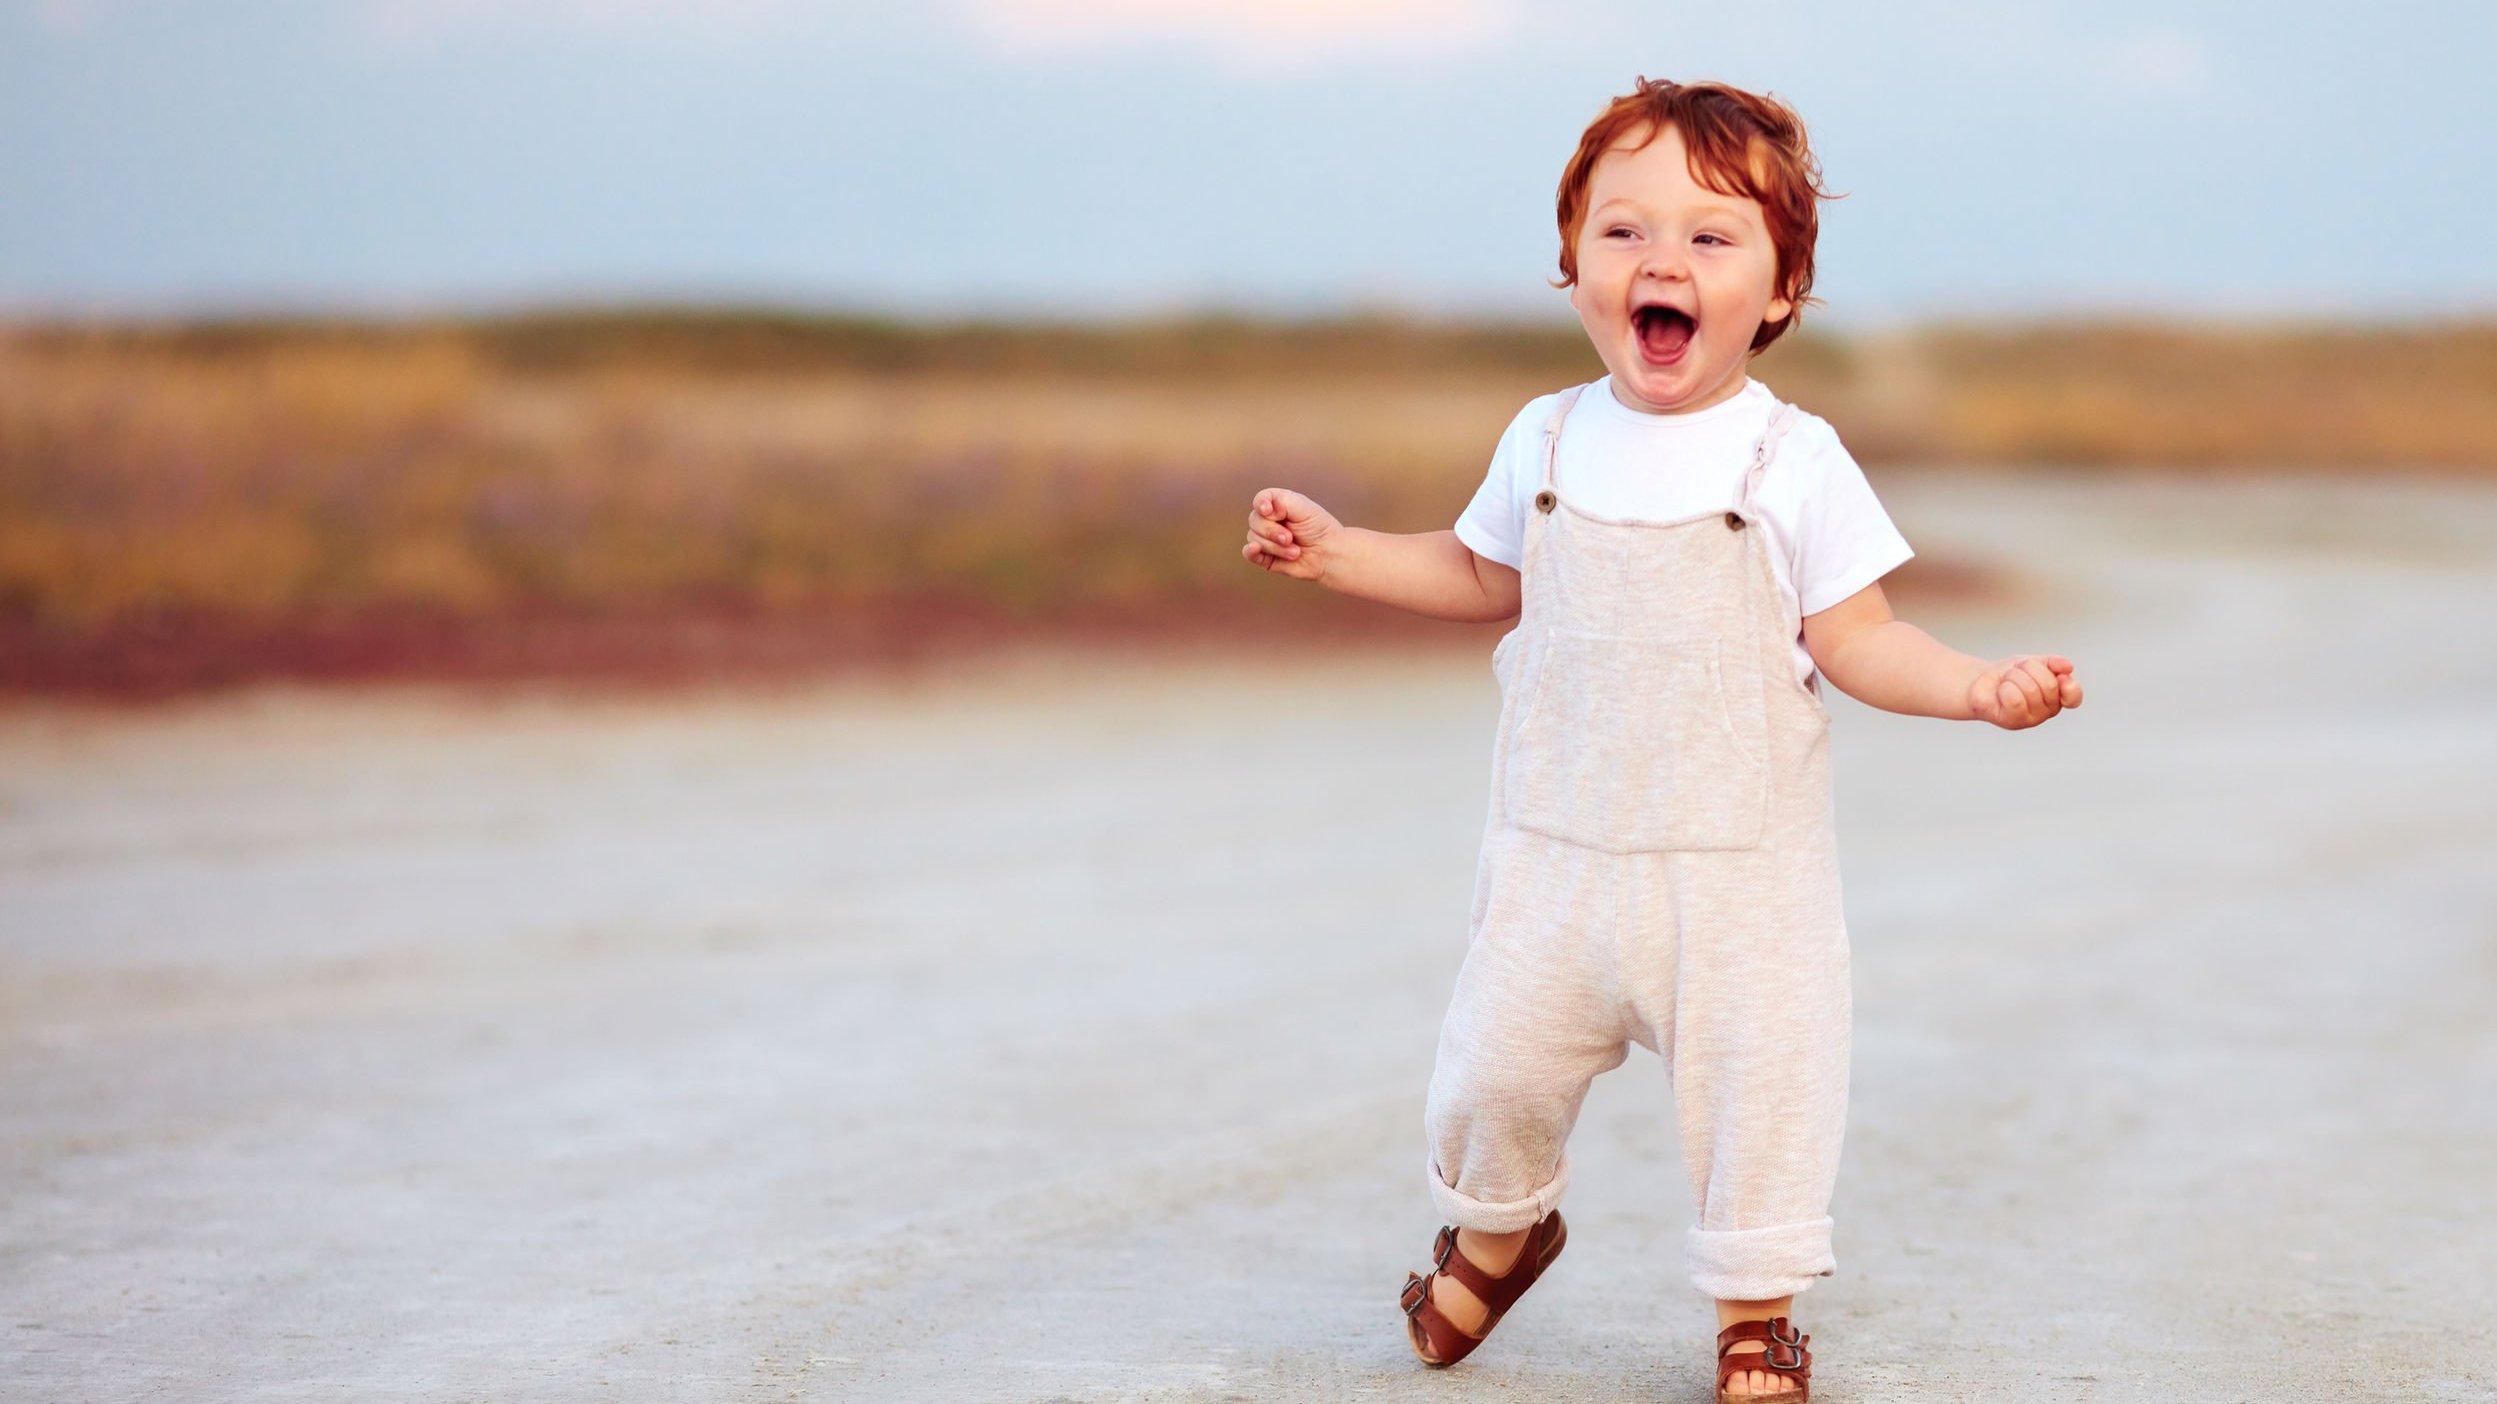 Bebê na rua usando macacão e sorrindo com os braços abertos